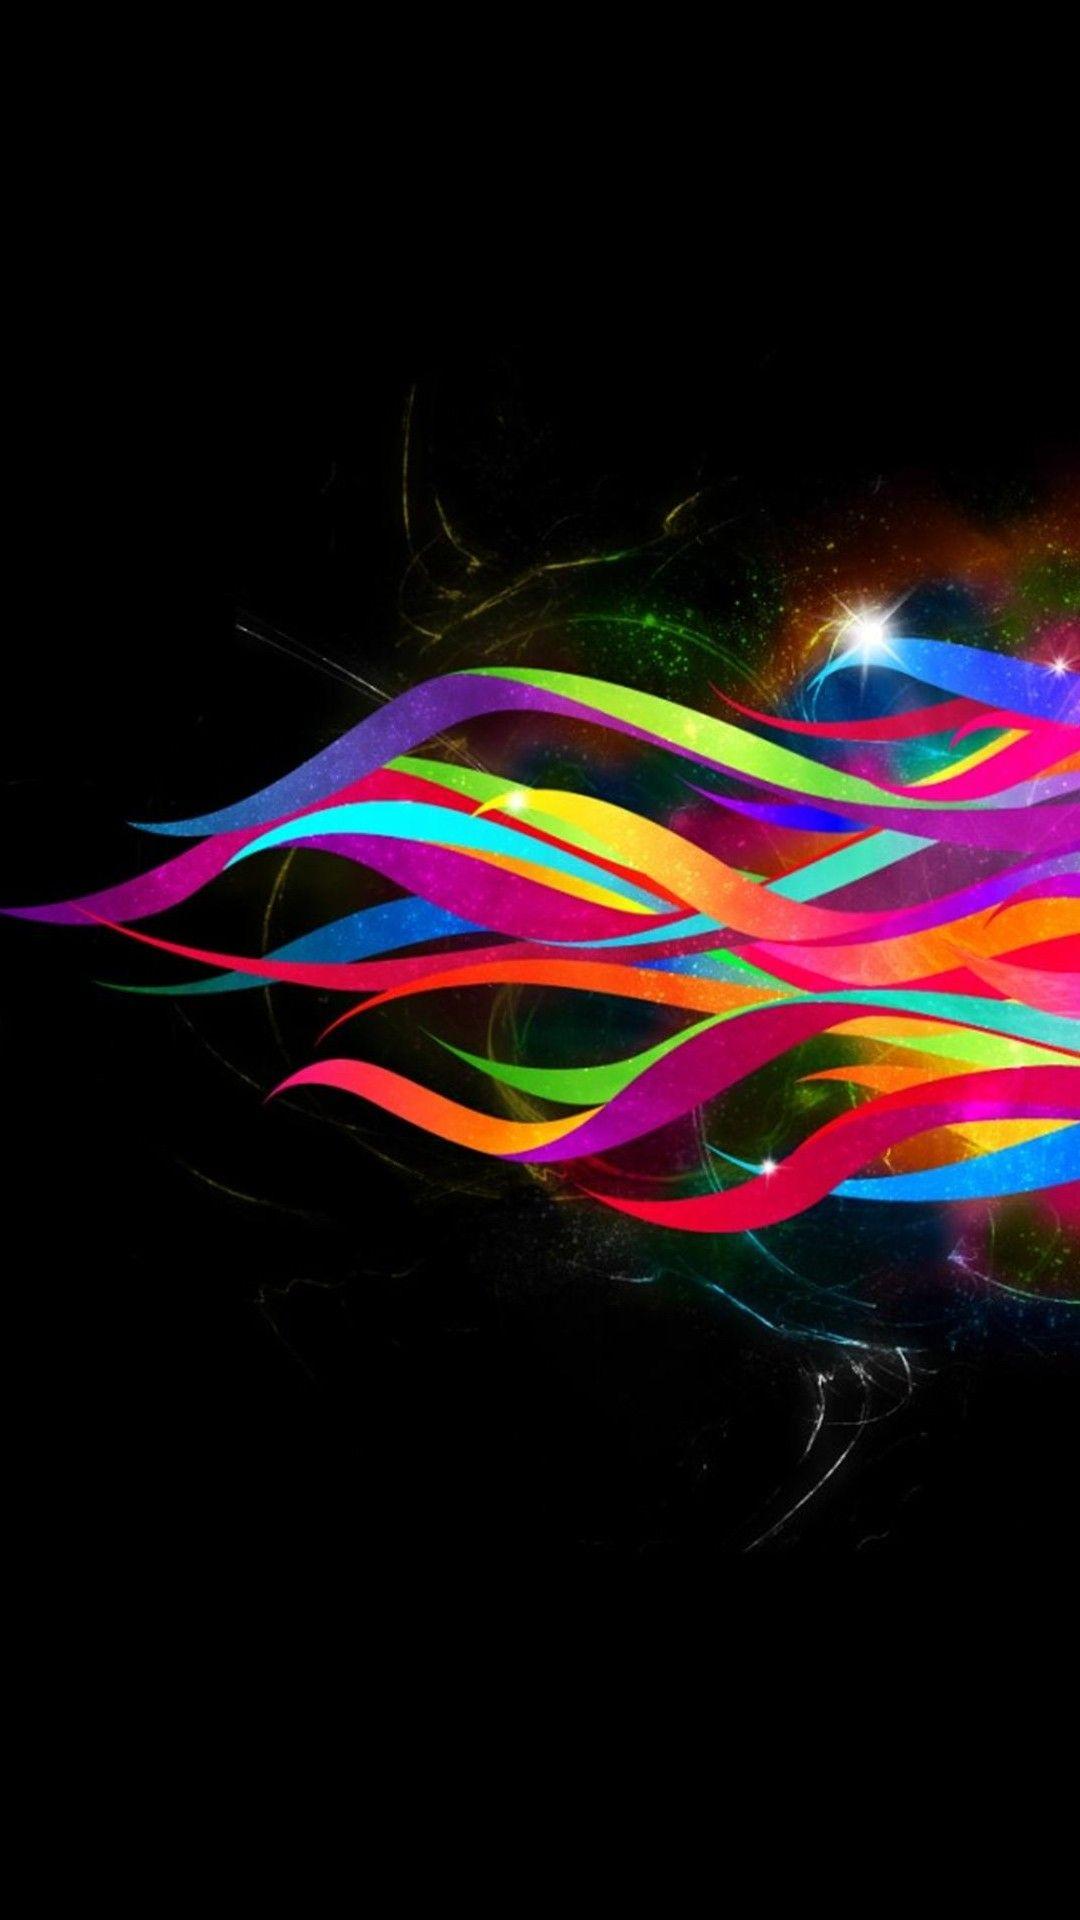 Fantastic Wallpaper Home Screen Xperia - e8dcee017b3be2b4cf01ec0357f341fc  Graphic_999178.jpg